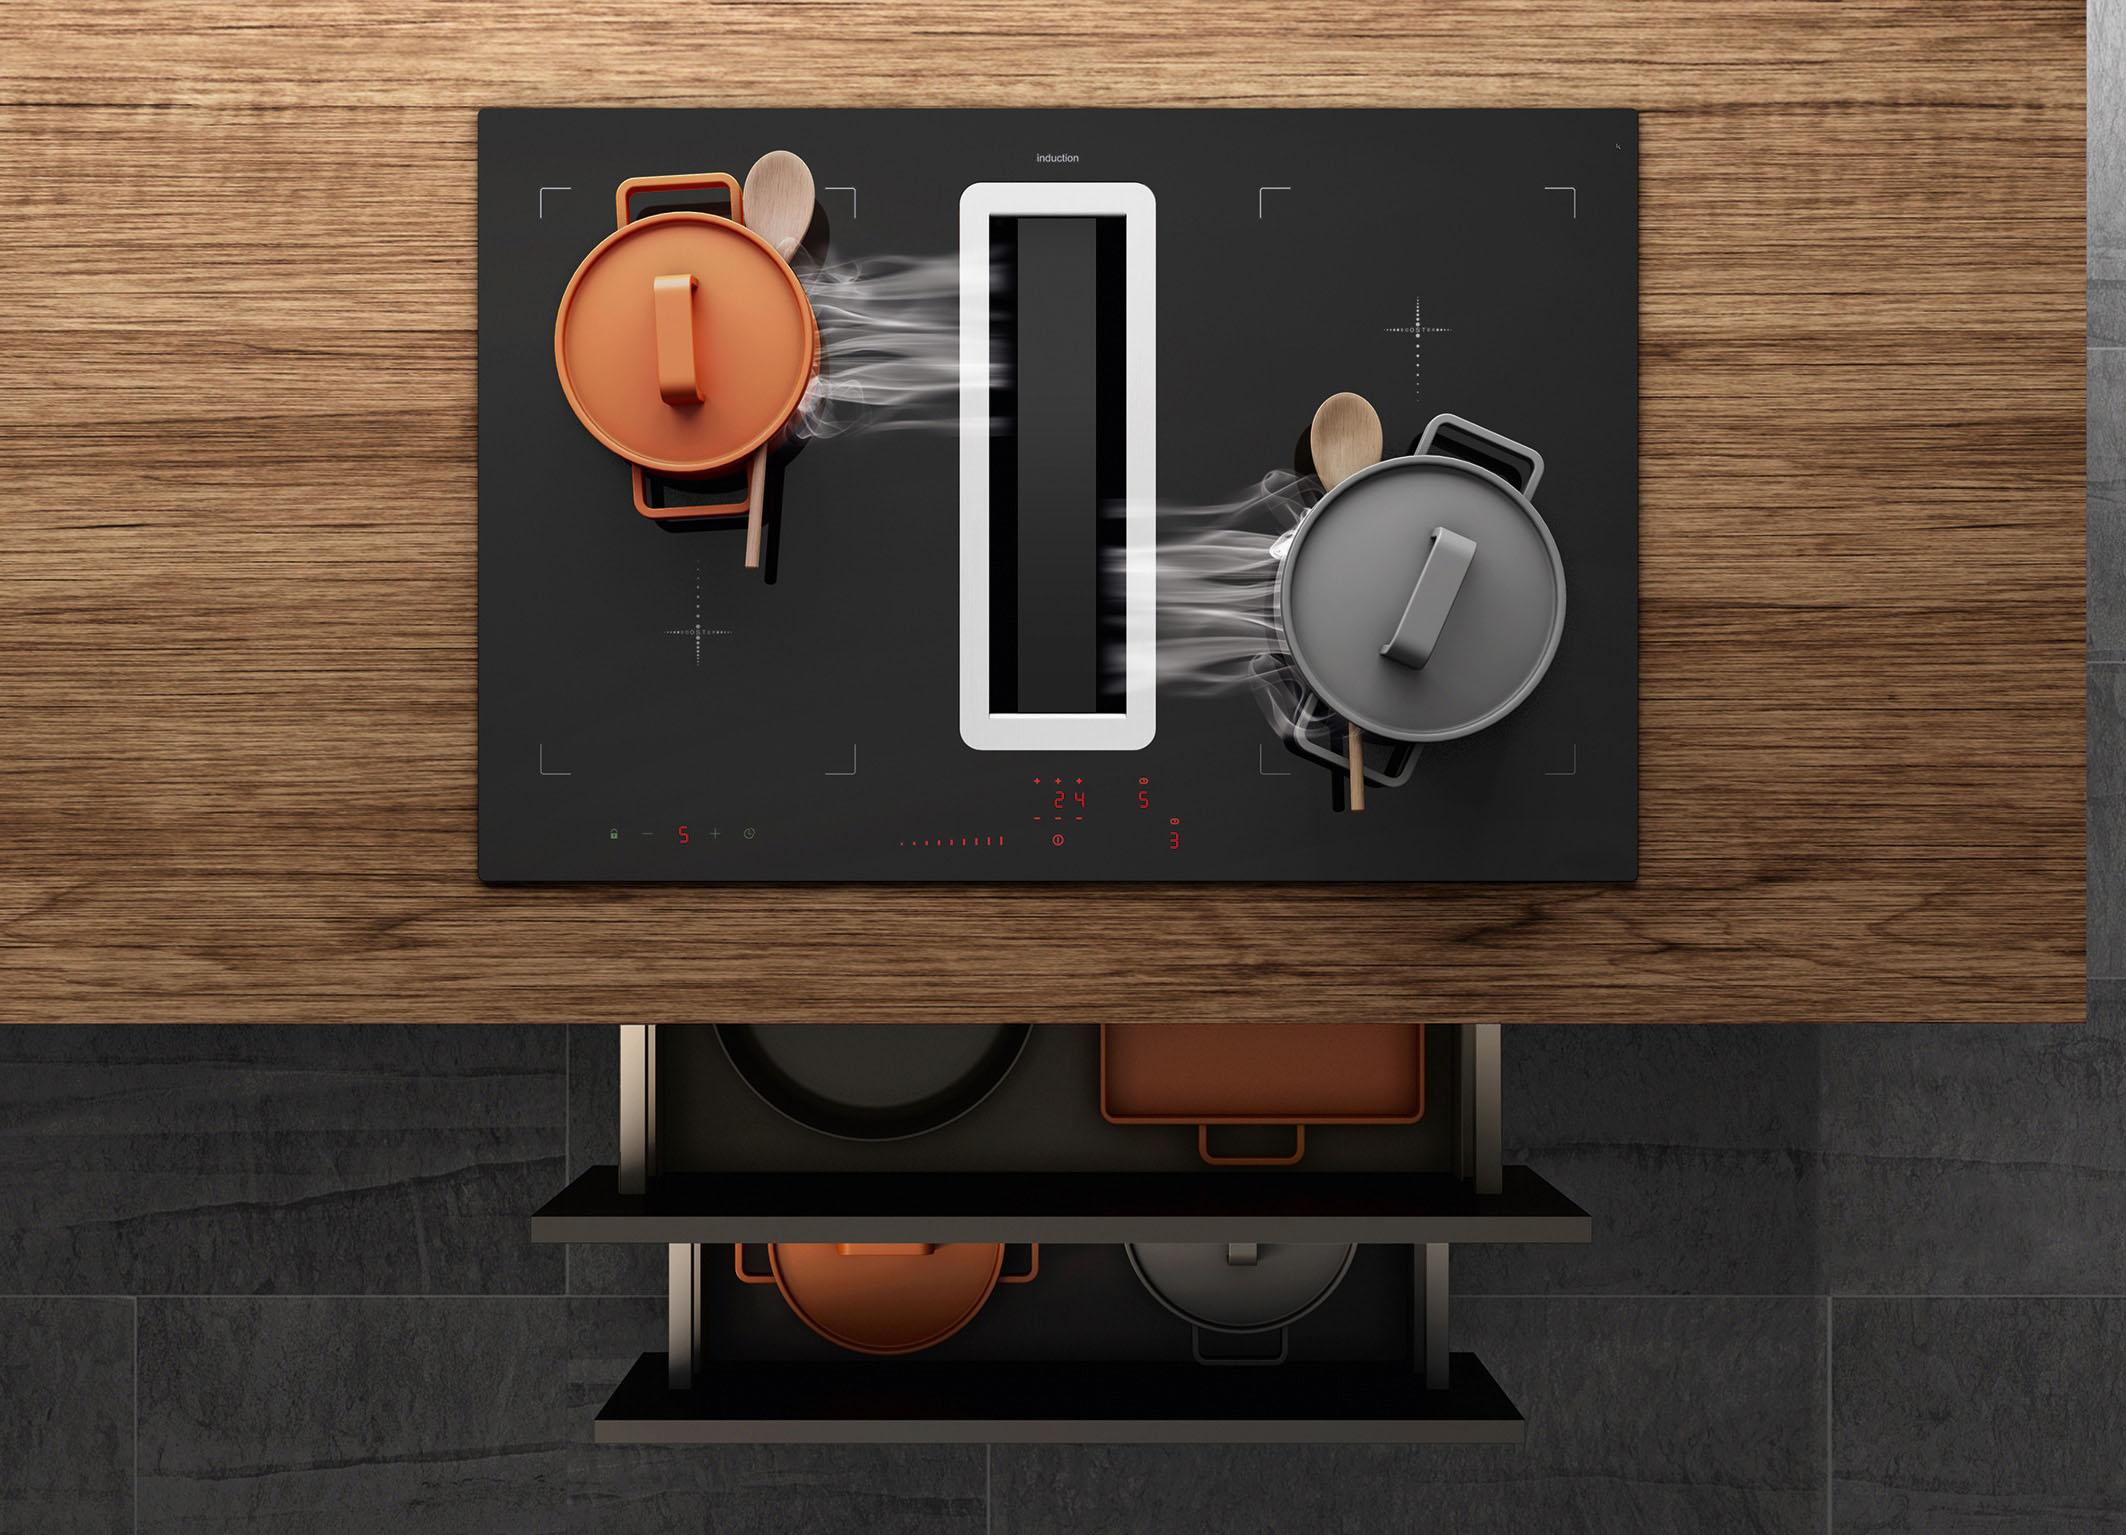 Kompaktes Duo zum Kochen & Lüften: Ein prämiertes Premium-Induktionskochfeld – alternativ ist auch ein HiLight-Kochfeld möglich – und ein integrierter Kochfeldabzug mit einem leistungsstarken Motor. Die Einstellungen erfolgen über Slider Sensortasten.